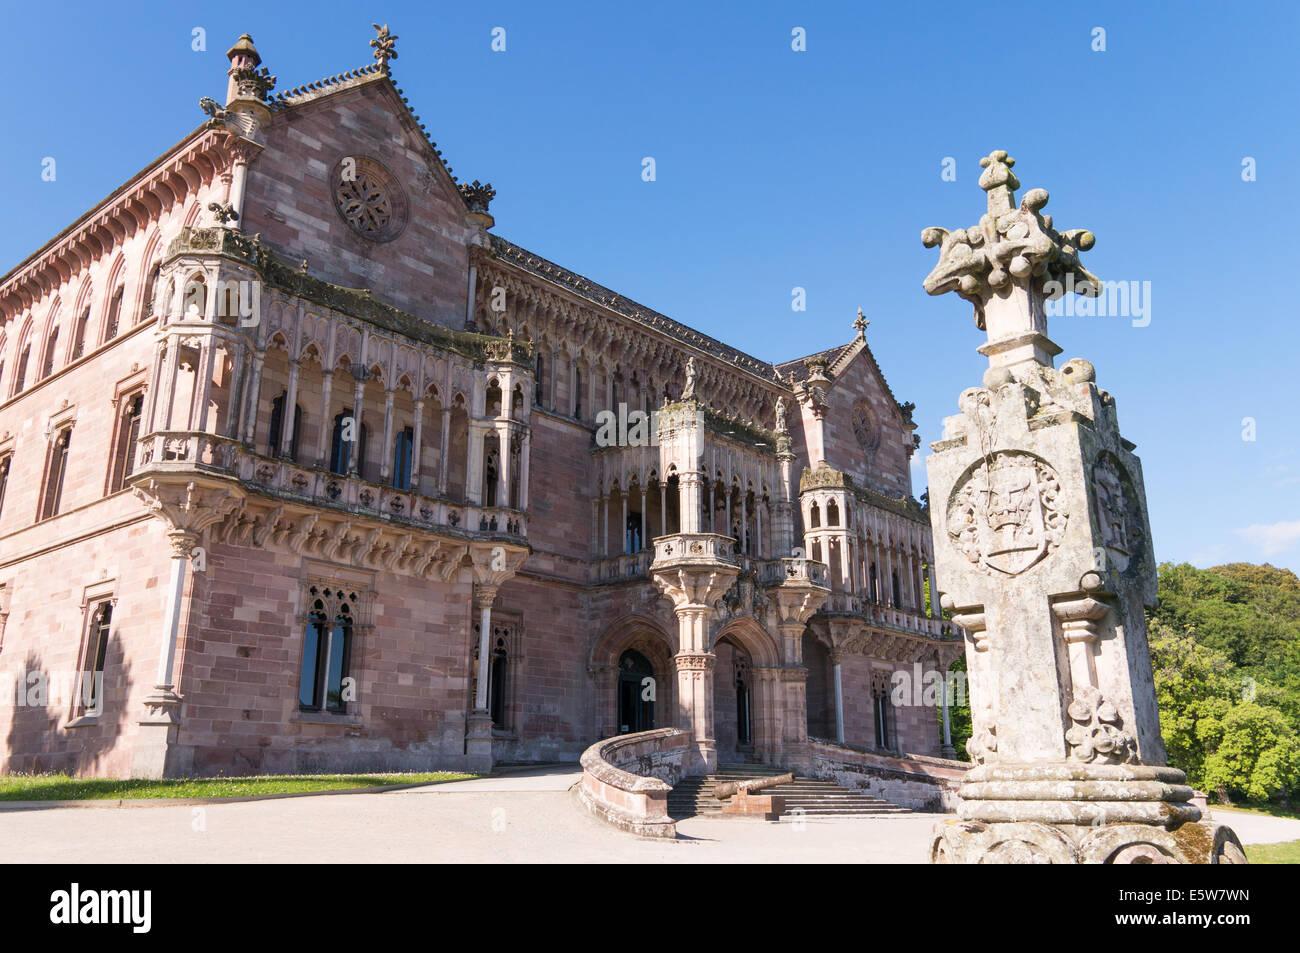 El Palacio de Sobrellano Comillas,  Cantabria, Northern Spain, Europe - Stock Image